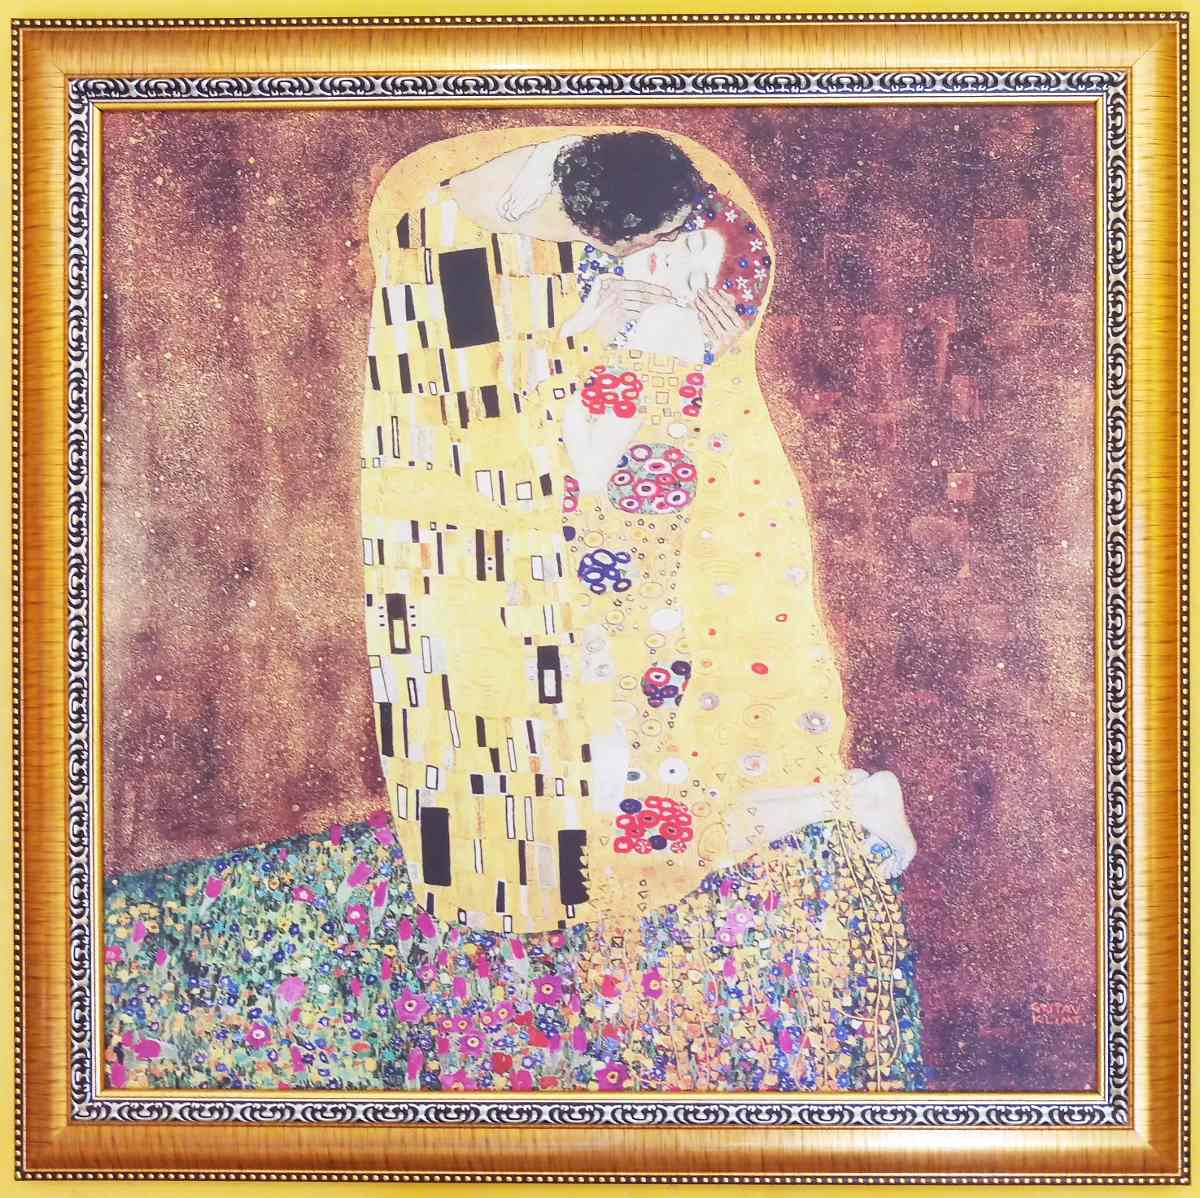 Cuadro, El Beso, Gustav Klimt, 84x84cm - $ 1,000.00 en Mercado Libre